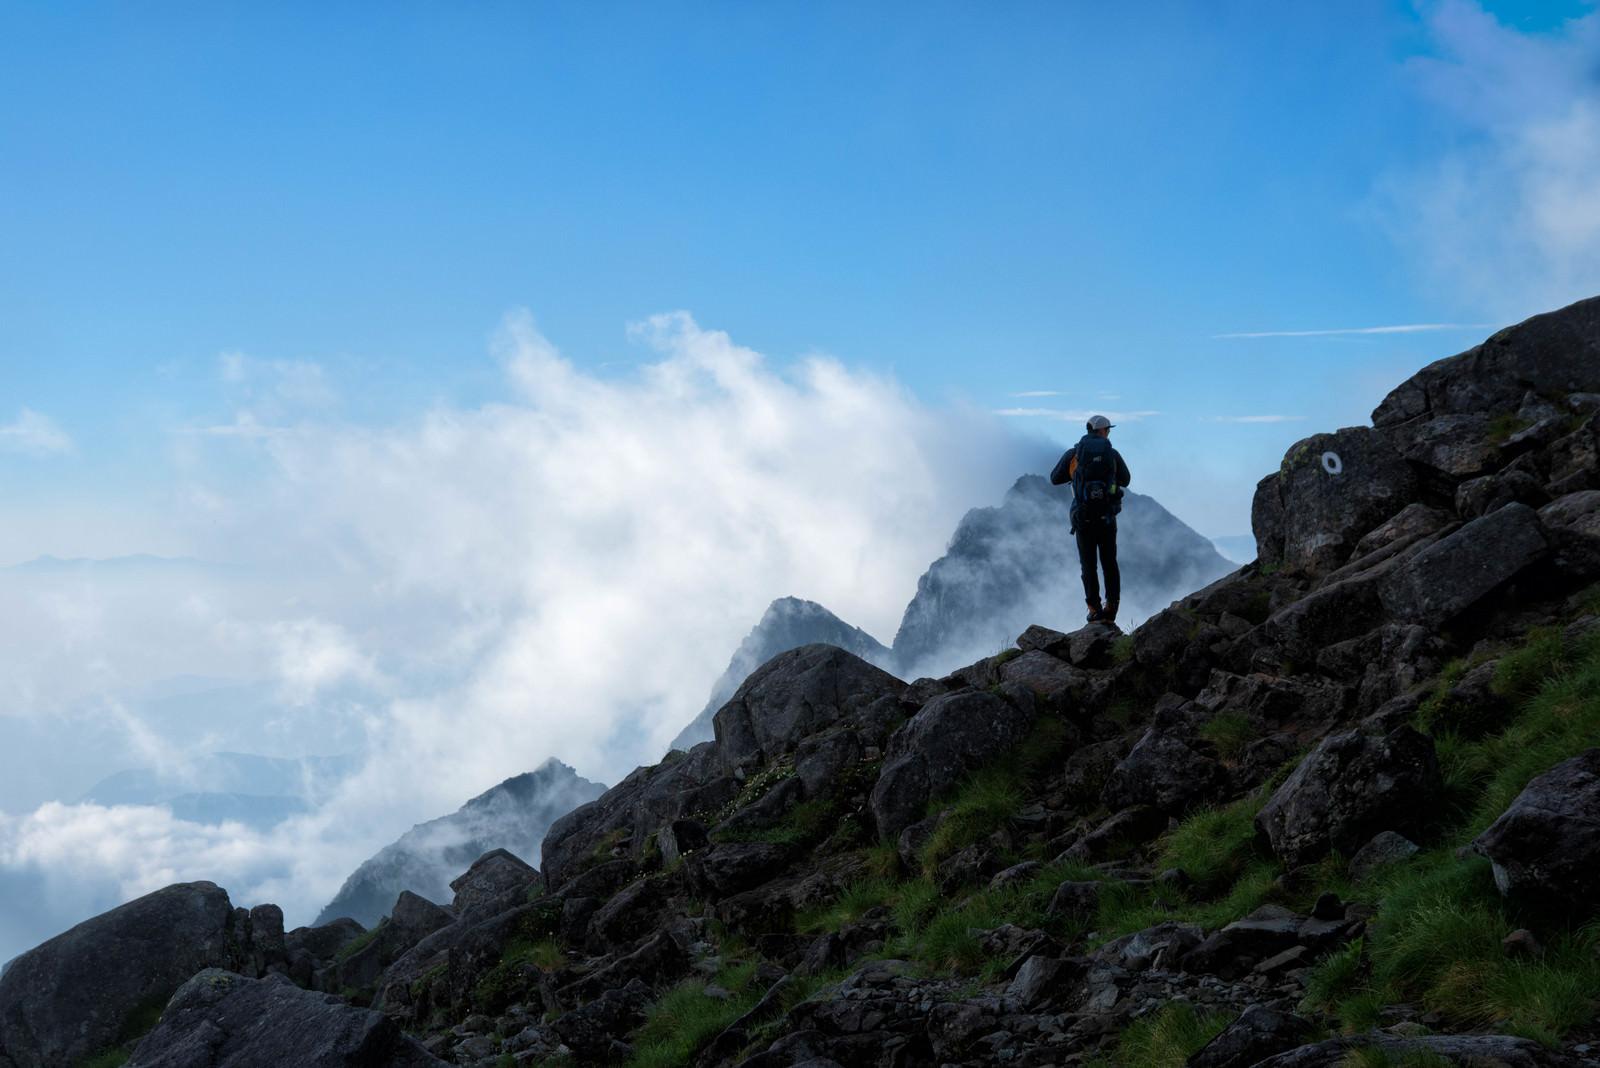 「前穂高岳の岩場と登山者(北アルプス)」の写真